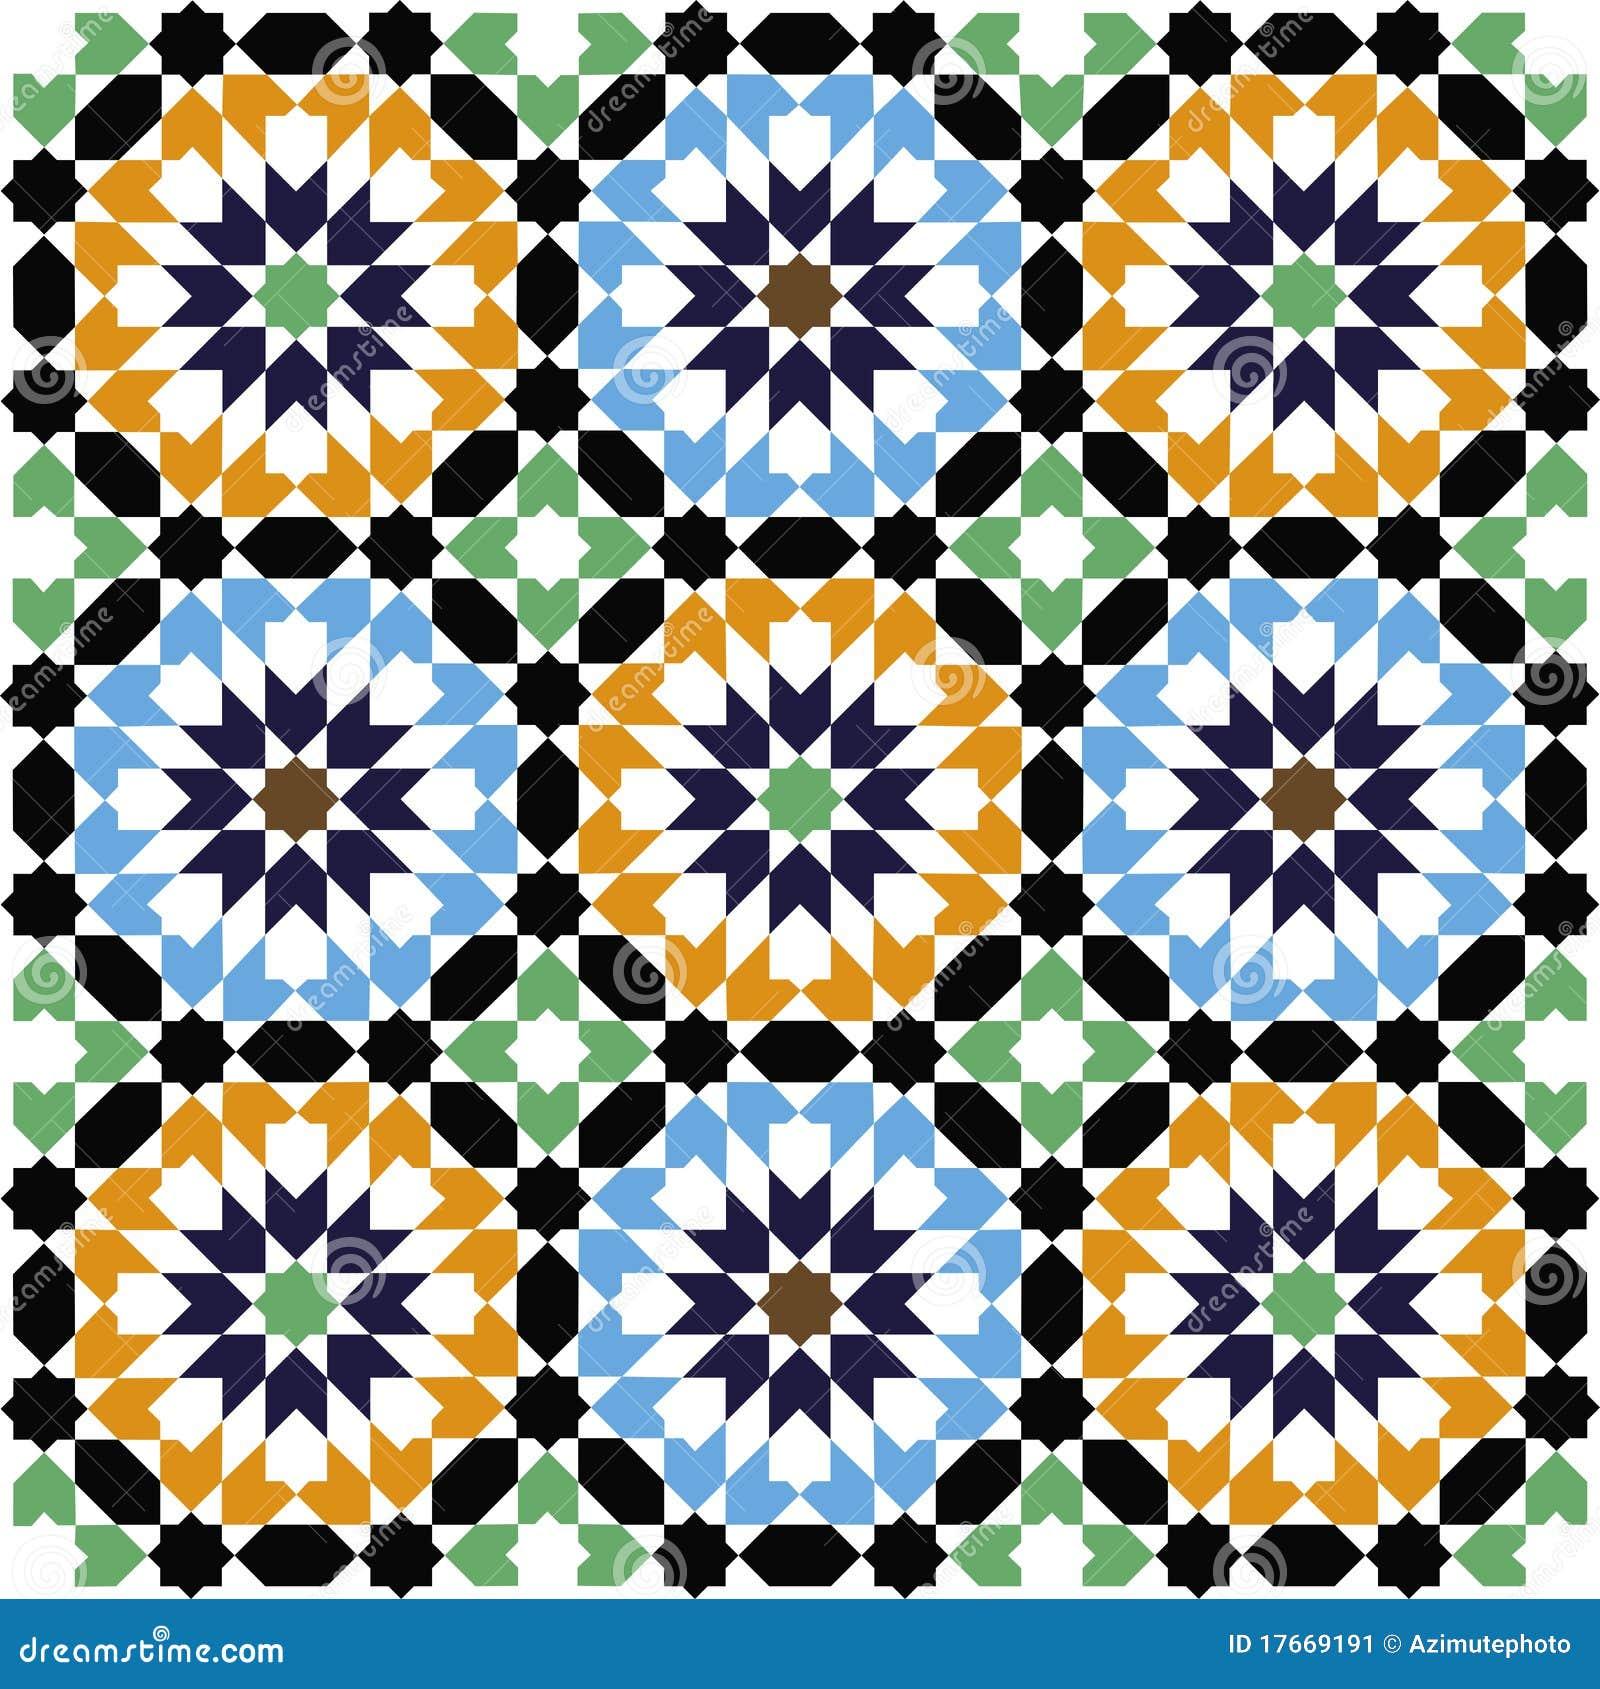 Mosaic Pattern Stock Image - Image: 17669191 Easy Arabesque Art